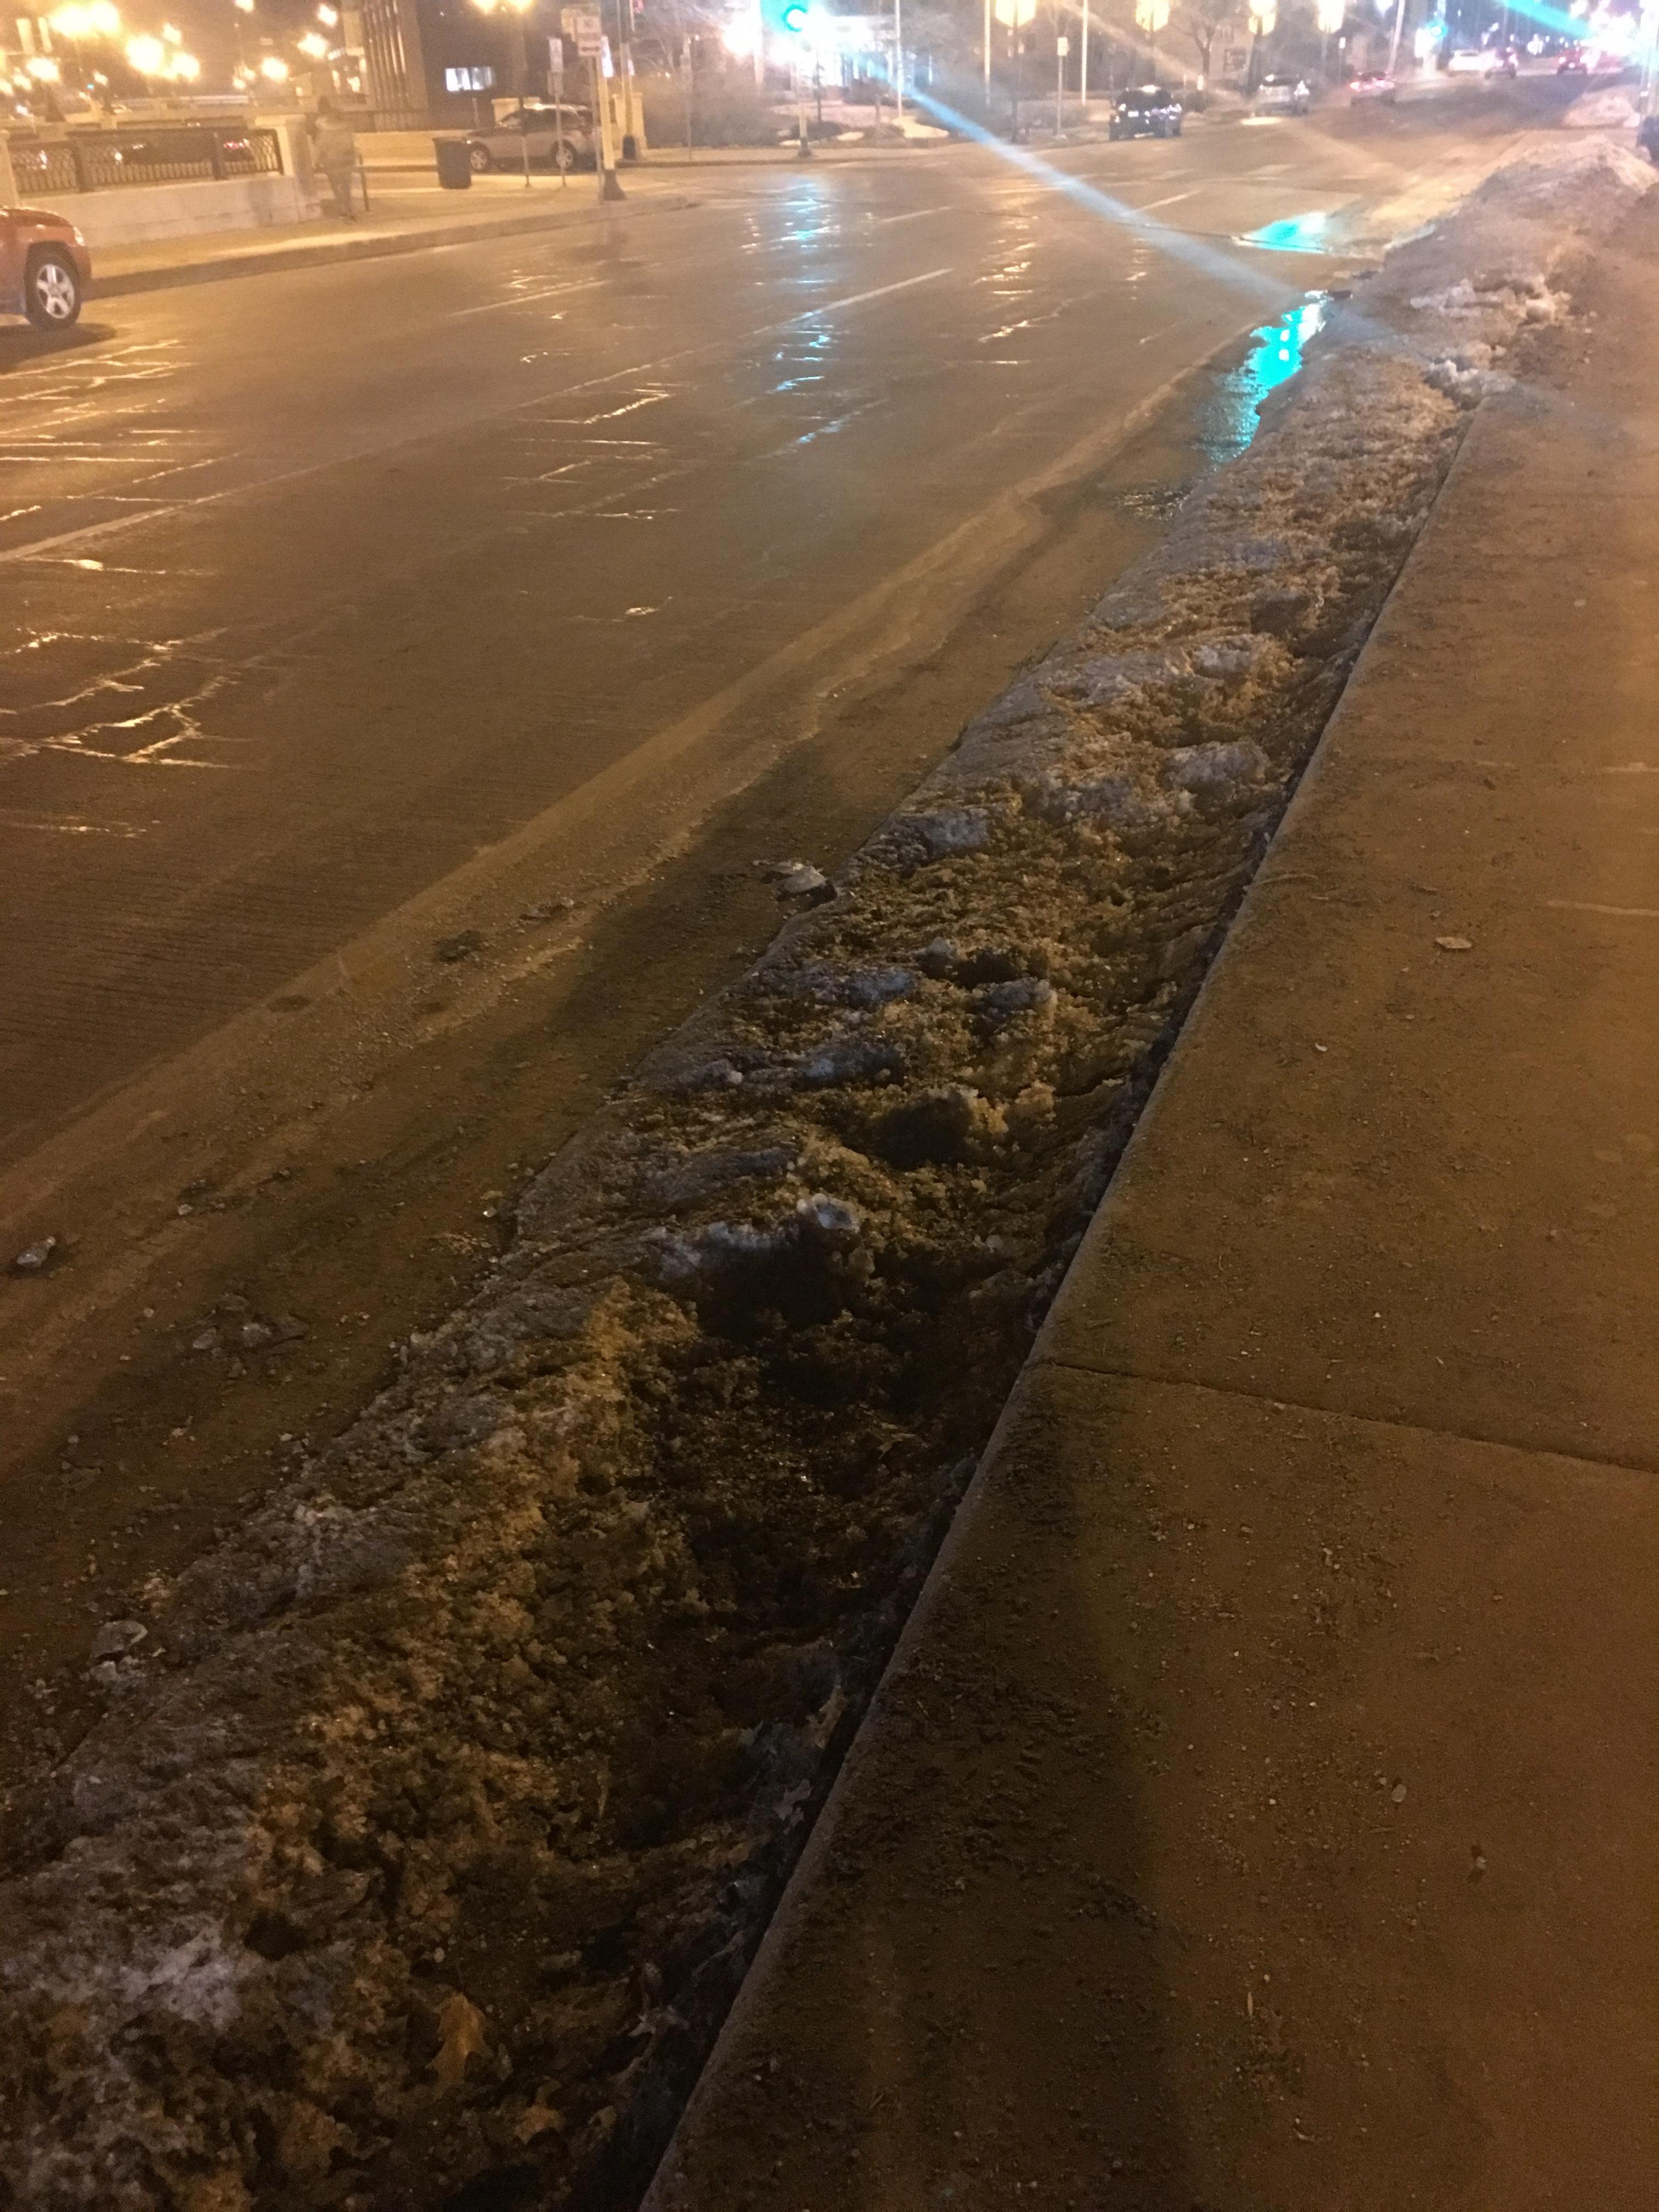 Ice_snow_in_bike_lane_University_Ave_(Chris_Lautenschlager).jpg